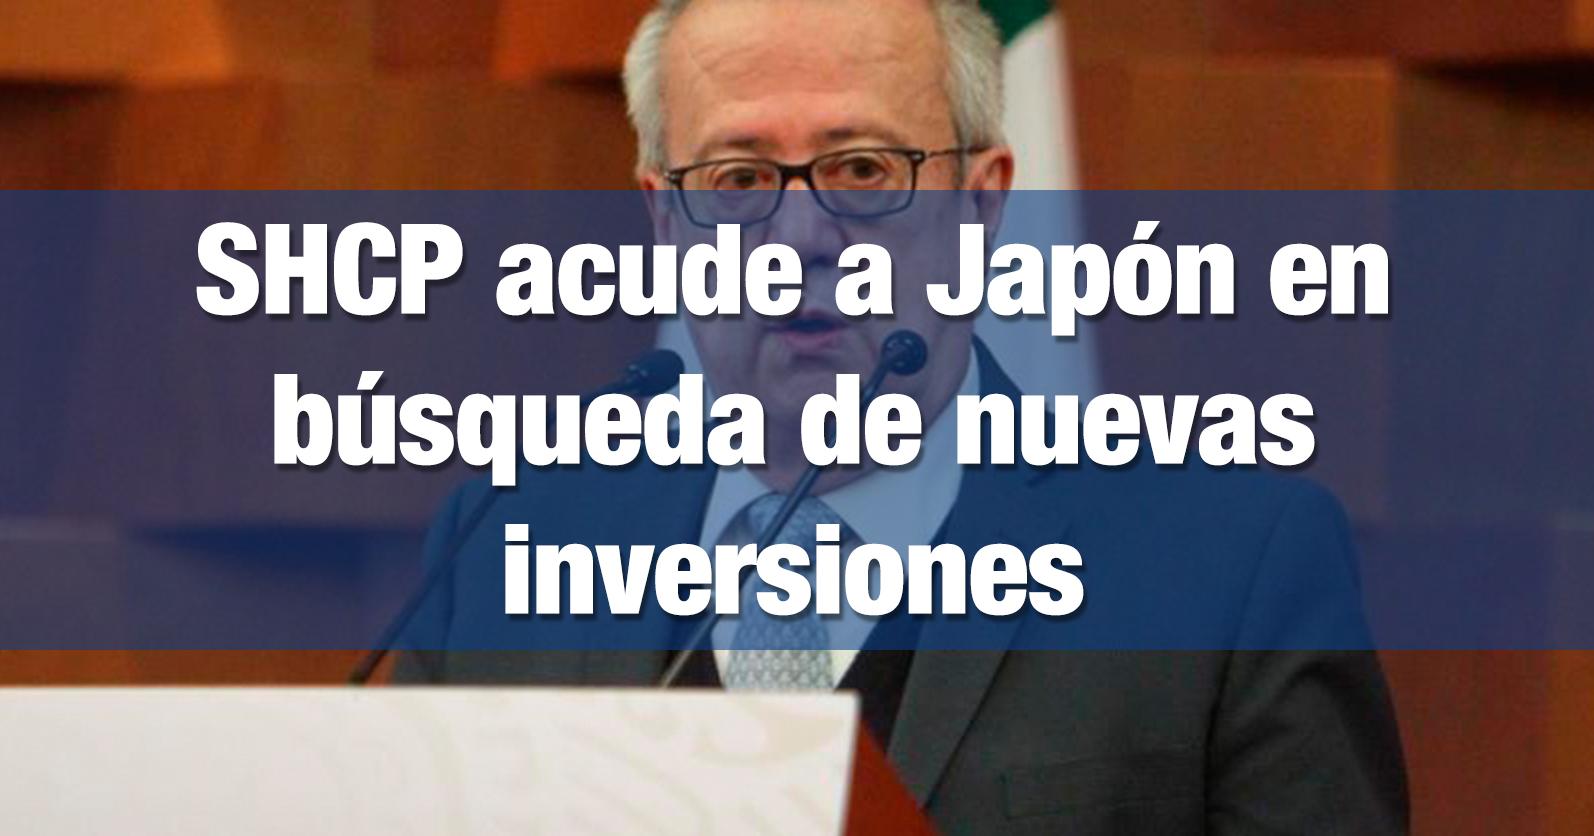 SHCP acude a Japón en búsqueda de nuevas inversiones